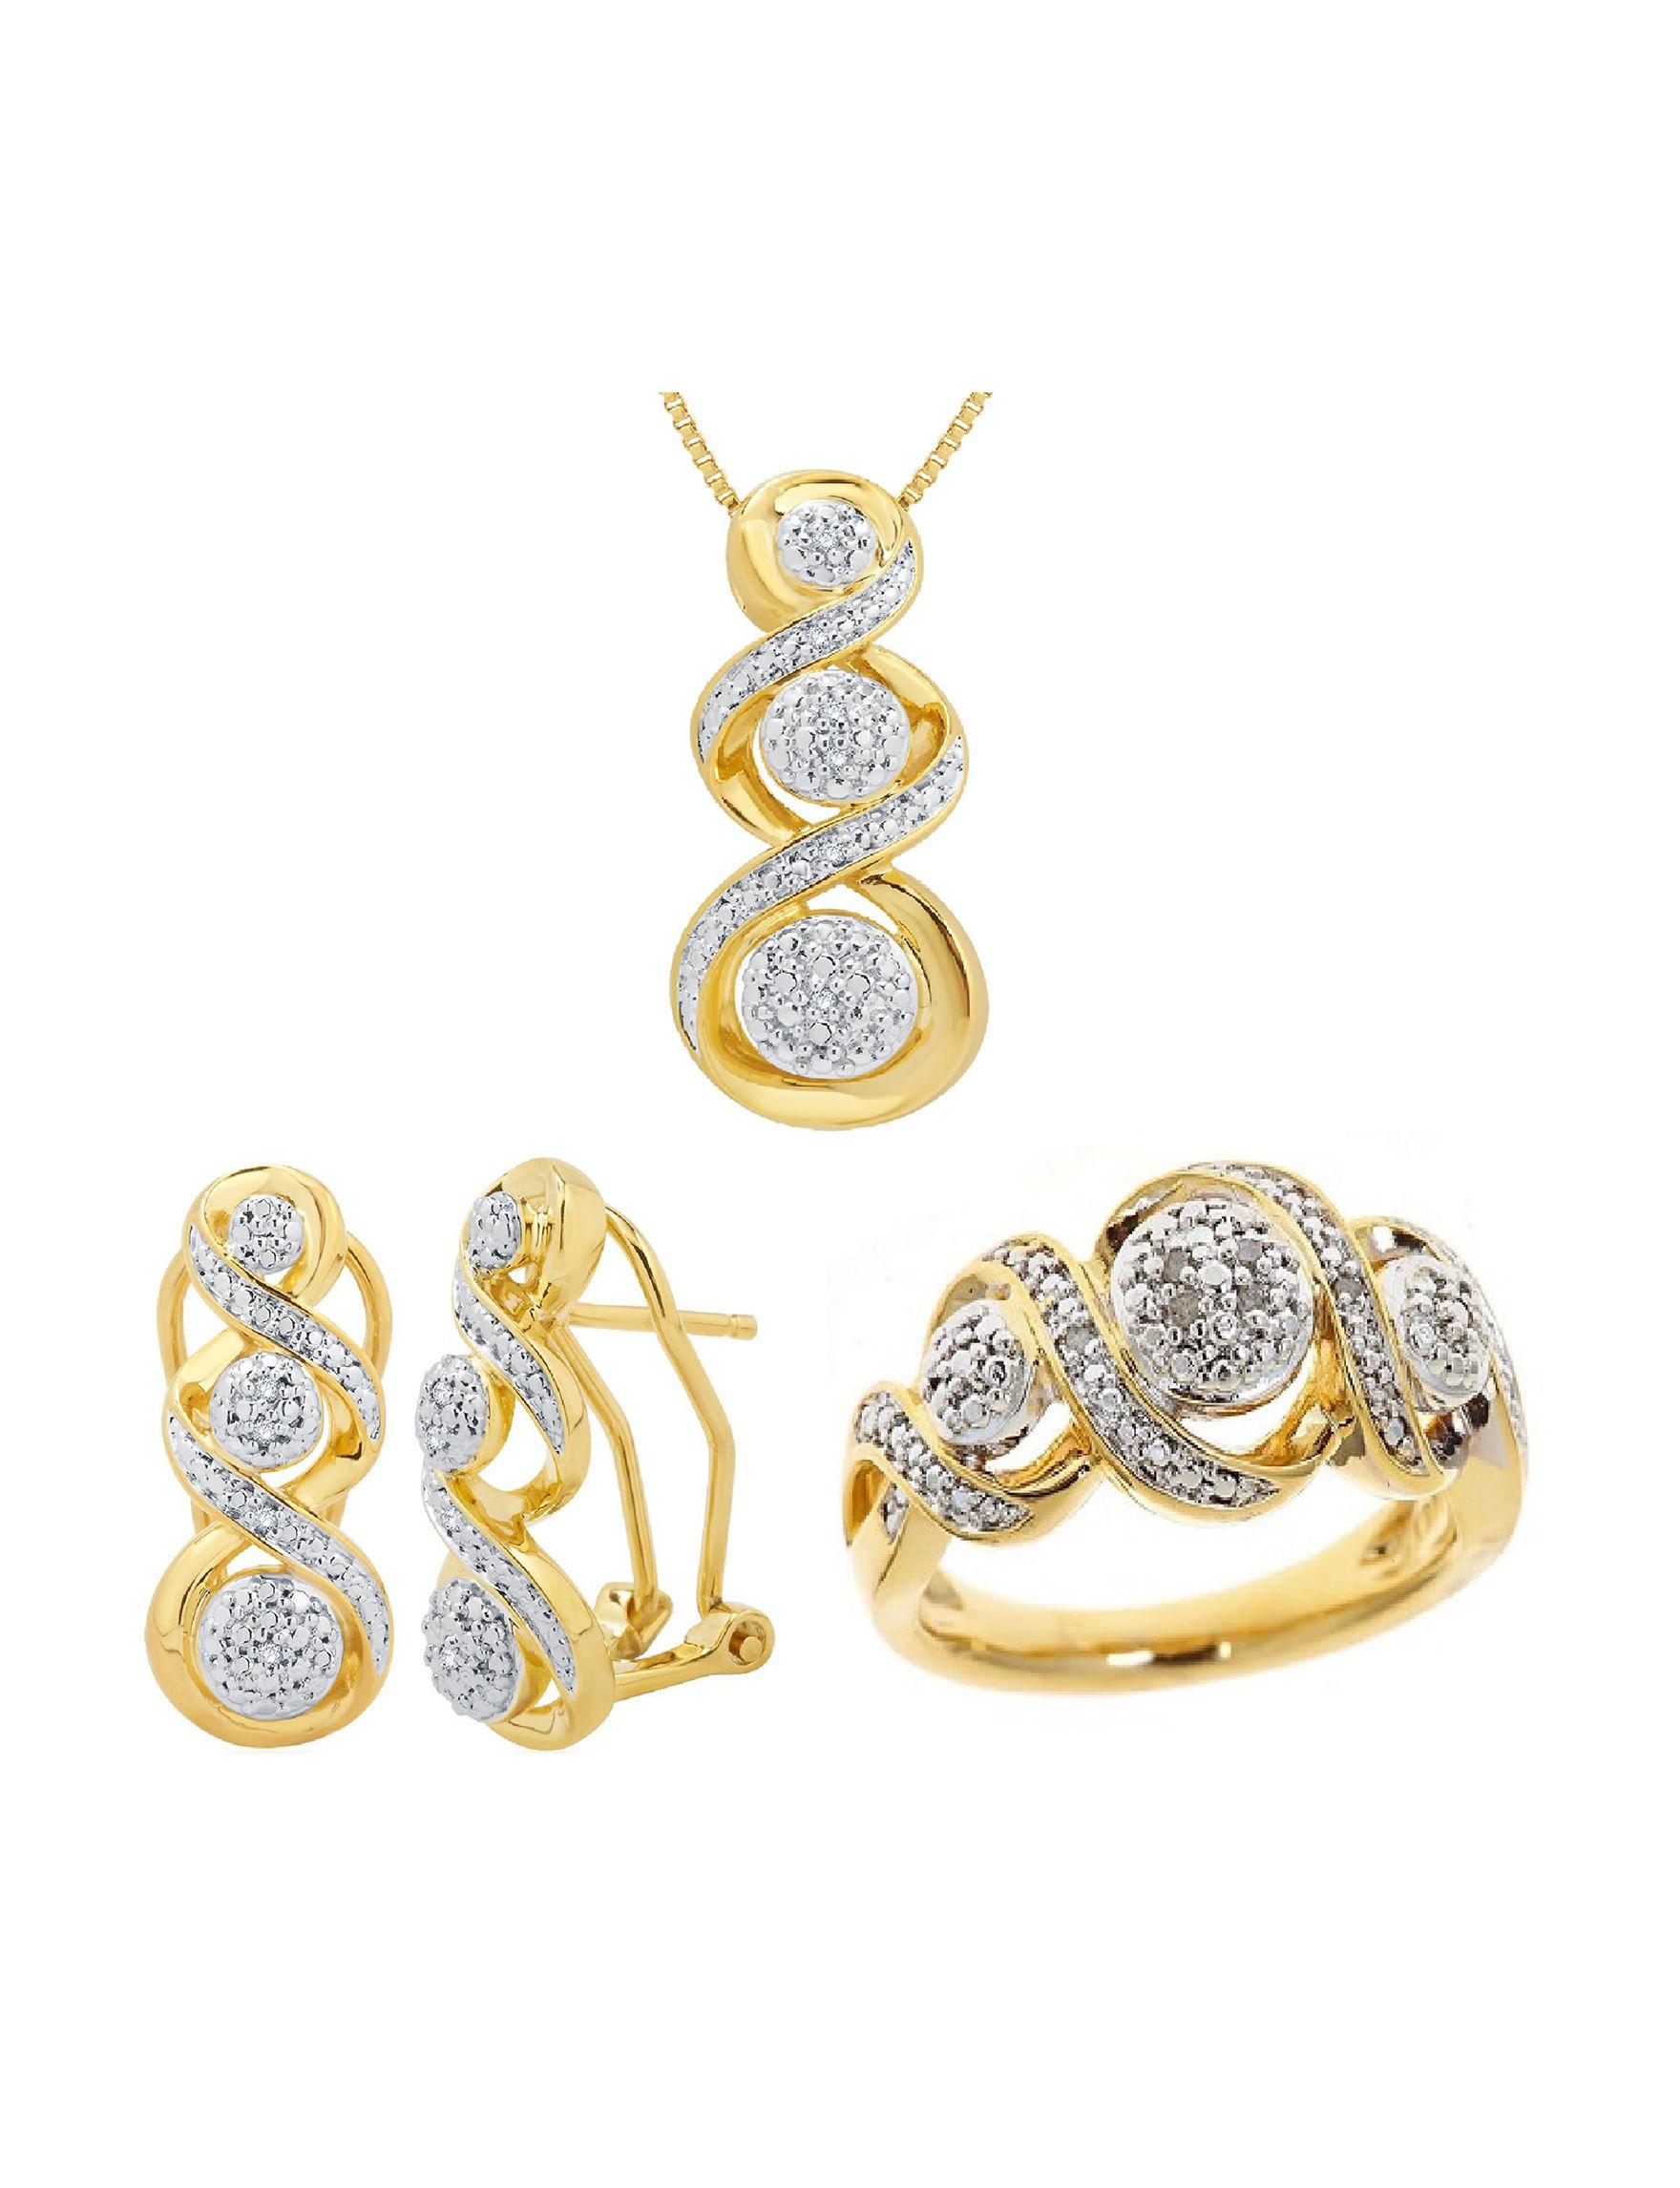 Kiran Gold Jewelry Sets Fine Jewelry